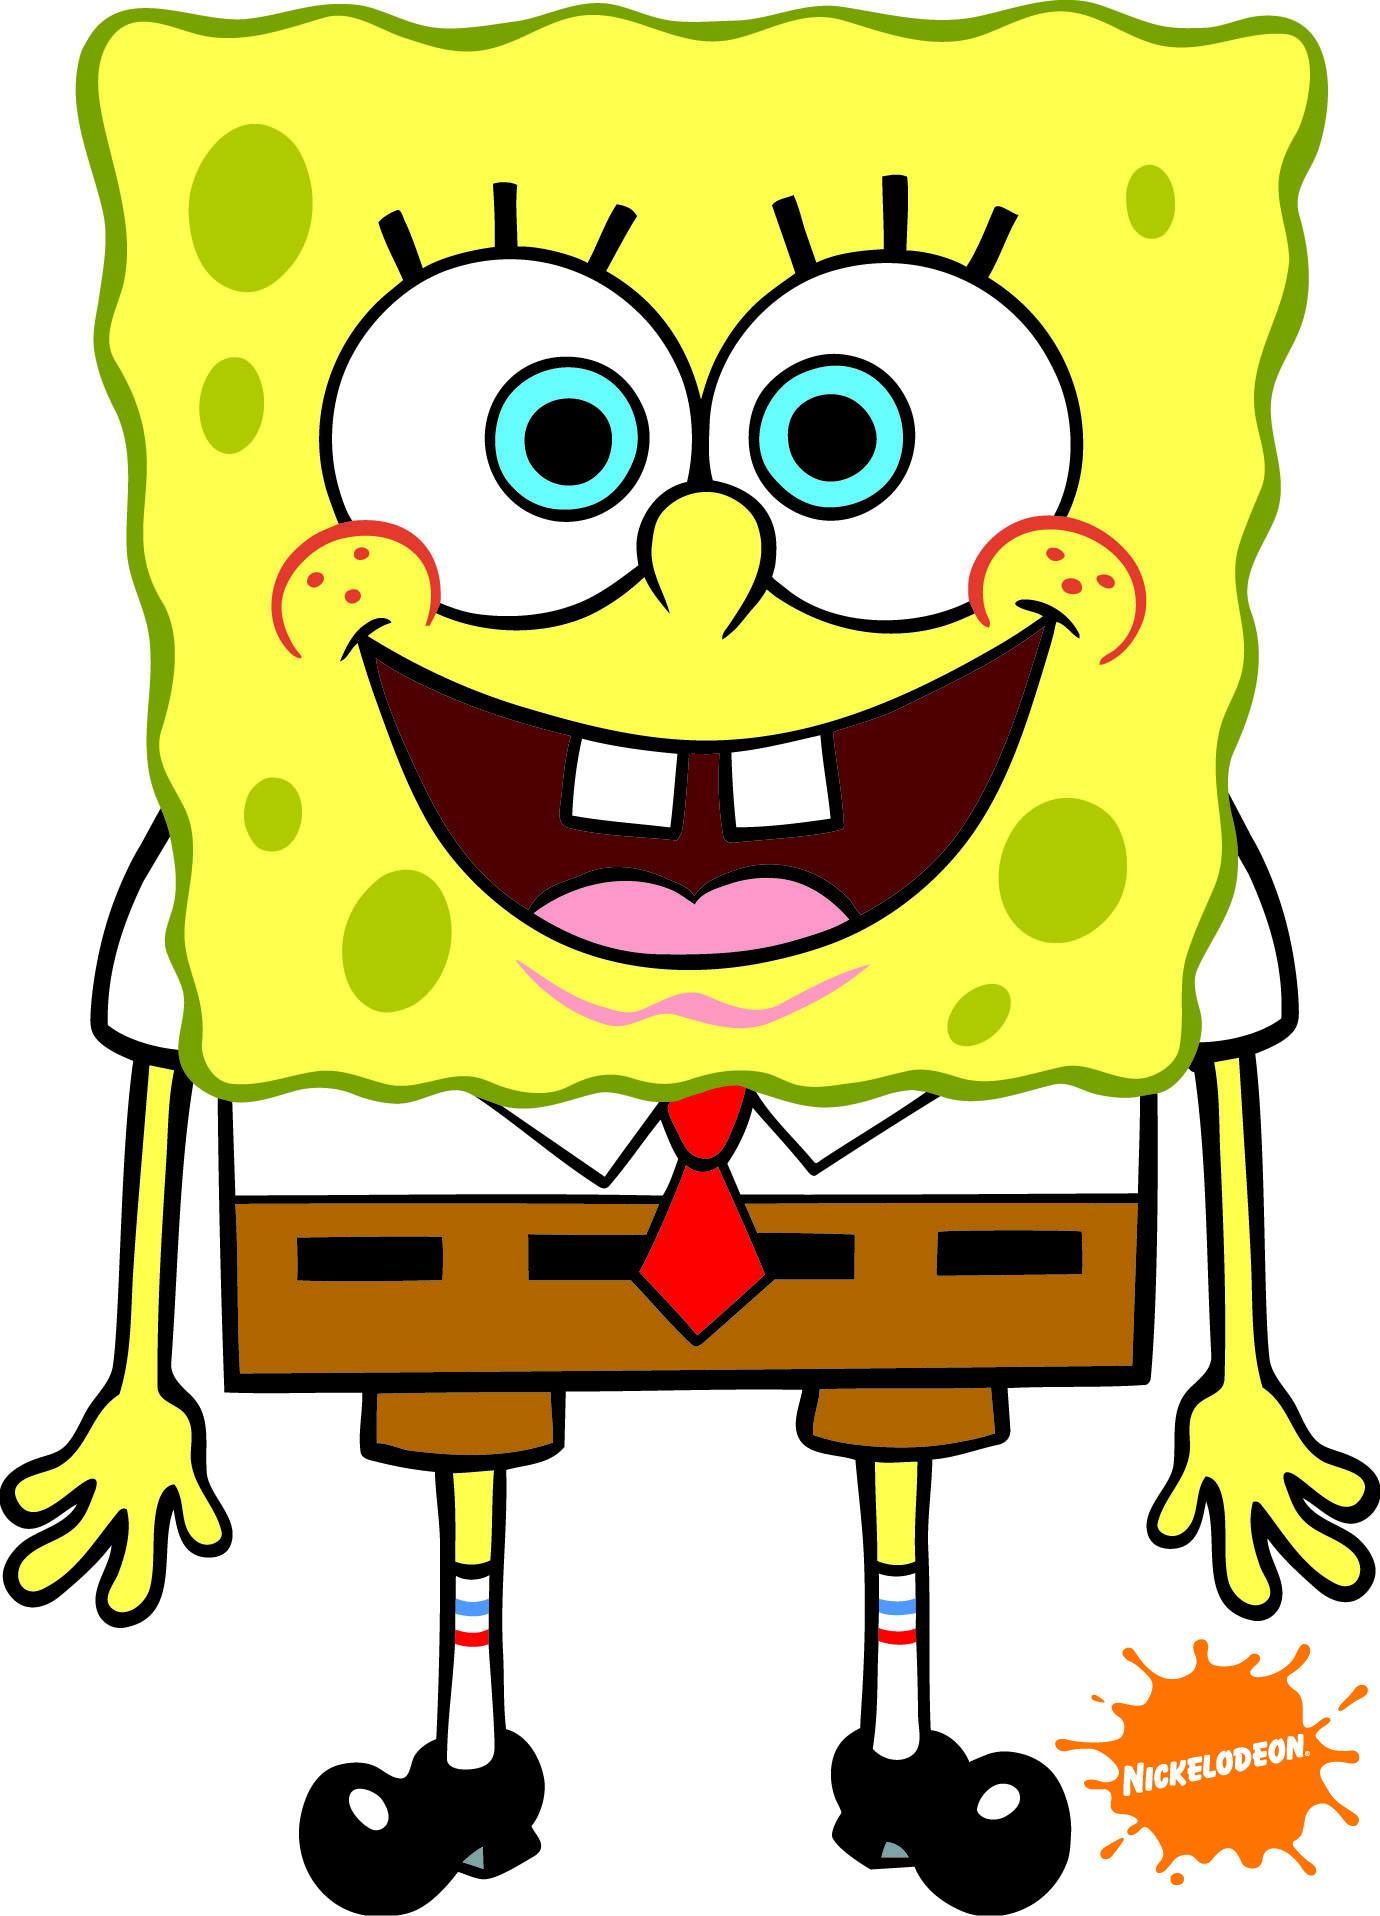 Spongebob Easy Drawing Free Download Best Spongebob Easy Drawing